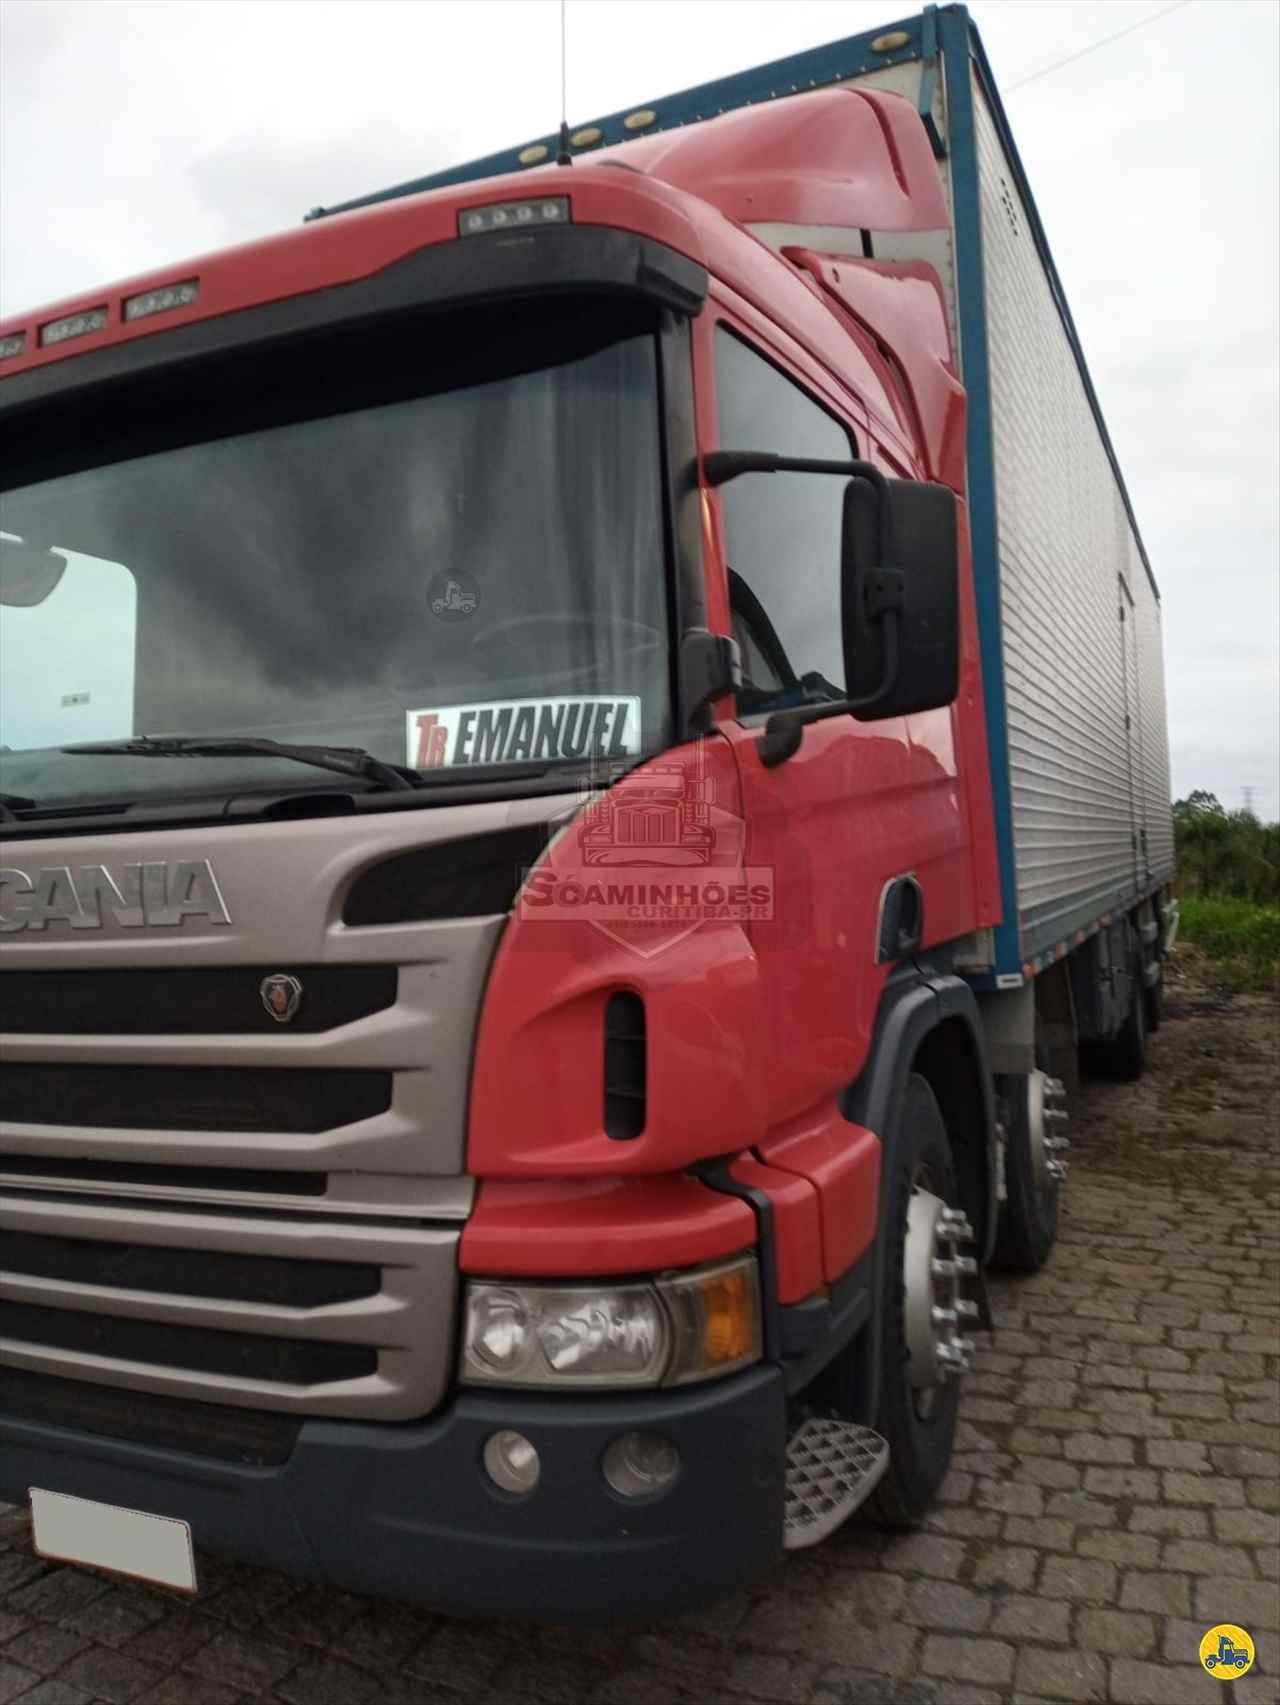 CAMINHAO SCANIA SCANIA P310 Baú Furgão BiTruck 8x2 Só Caminhões Curitiba CURITIBA PARANÁ PR